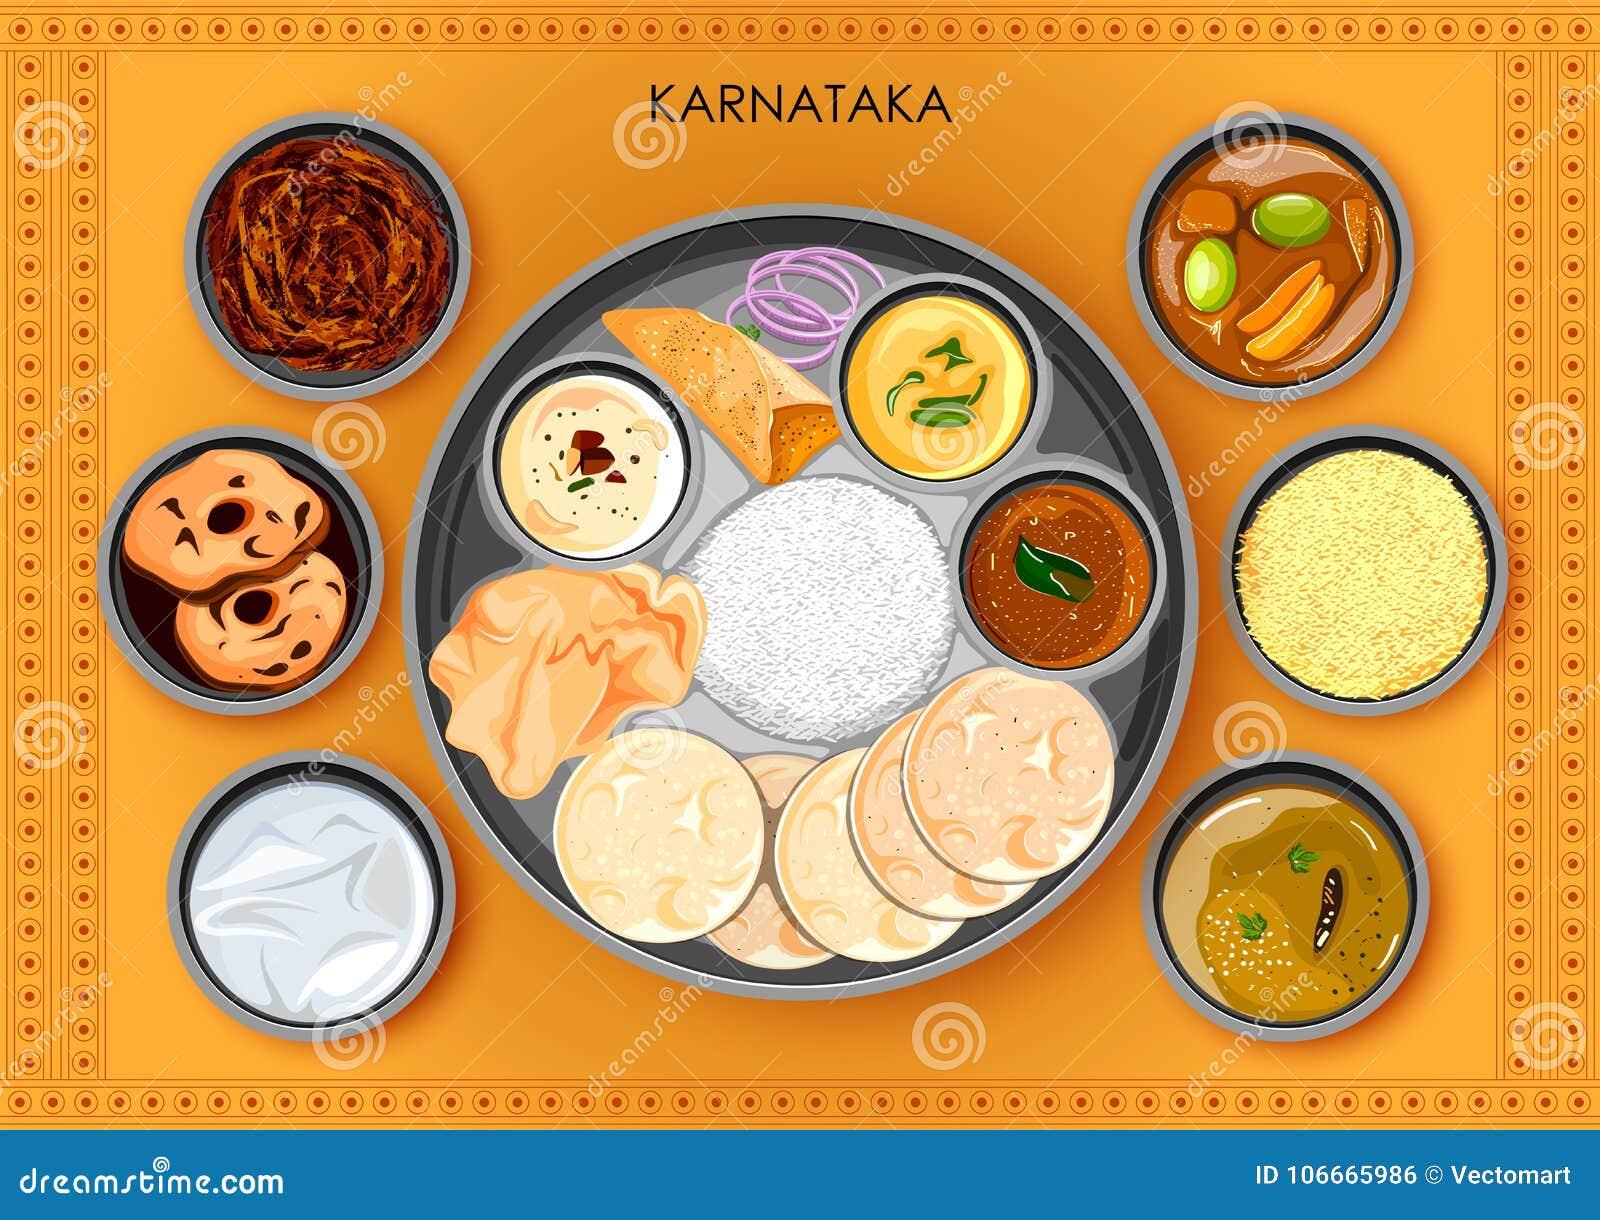 Traditionell thali för Karnatakan kokkonst- och matmål